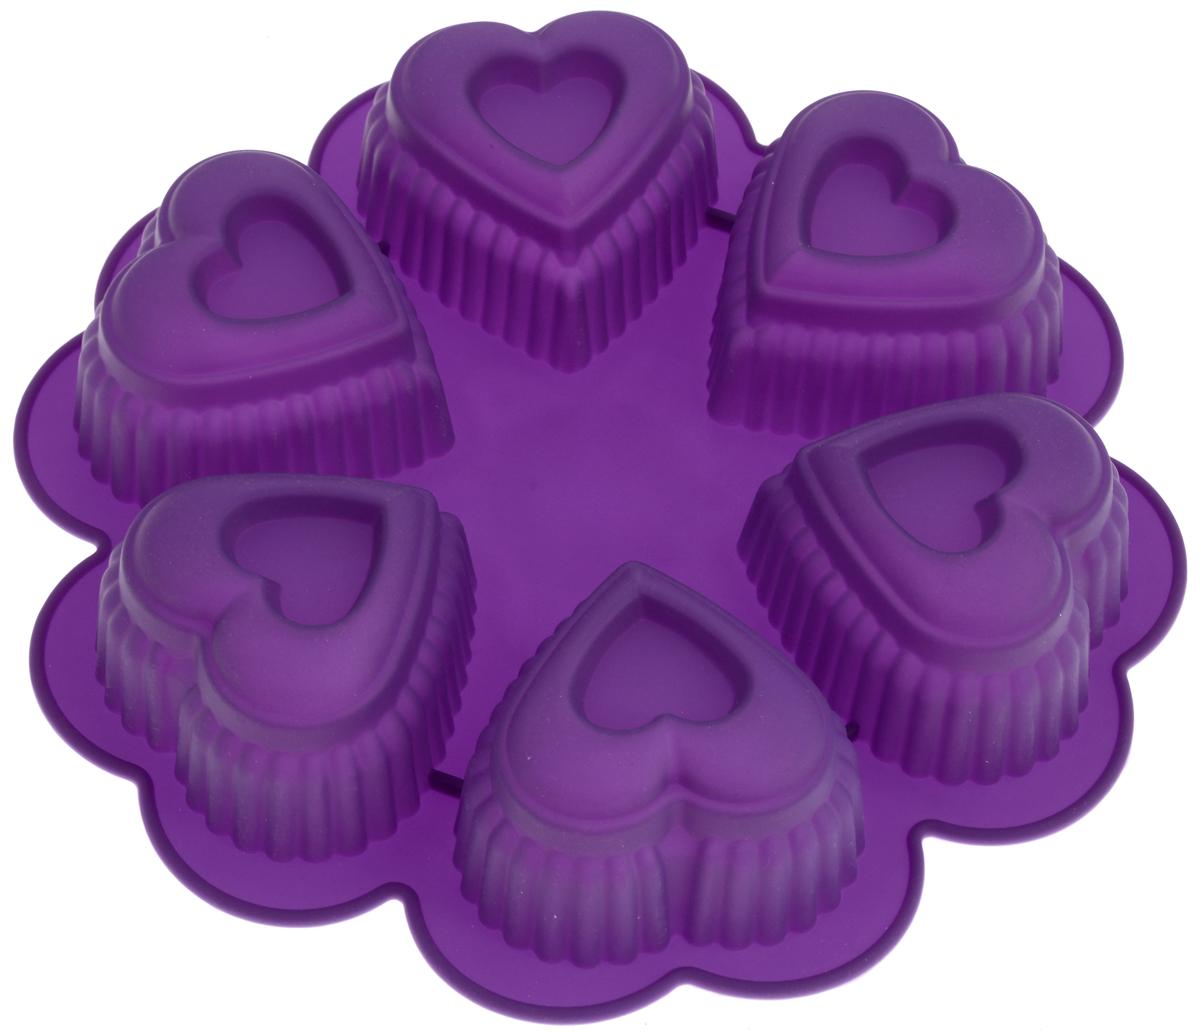 Форма для выпечки Marmiton Сердце, цвет: фиолетовый, 25,5 х 25,5 х 5 см, 6 ячеек16027Форма для выпечки Marmiton Сердце выполнена из силикона. На одном листе расположены 6 ячеек в виде сердец. Благодаря тому, что форма изготовлена из силикона, готовый лед, выпечку или мармелад вынимать легко и просто. Материал устойчив к фруктовым кислотам, может быть использован в духовках и микроволновых печах (выдерживает температуру от -40°С до +230°С). Можно мыть и сушить в посудомоечной машине. Общий размер формы: 25,5 х 25,5 х 5 см. Размер ячейки: 8 х 8 х 5 см.